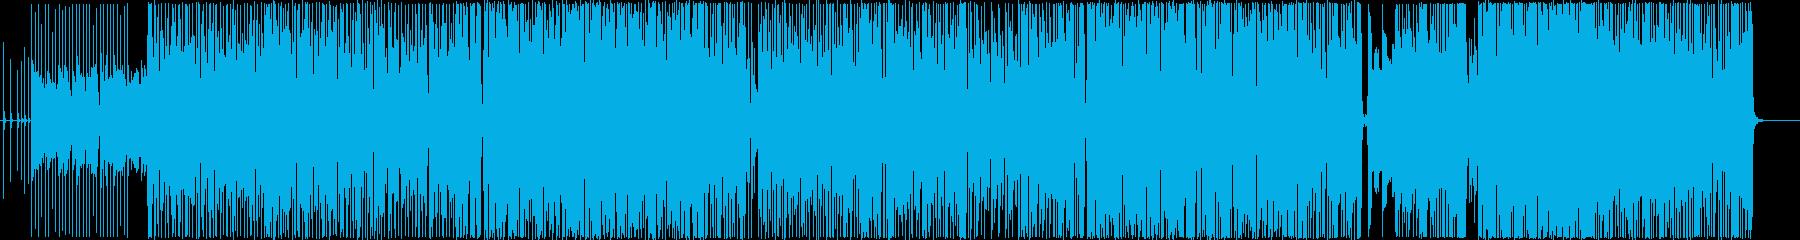 ねむれないマスカレードの再生済みの波形